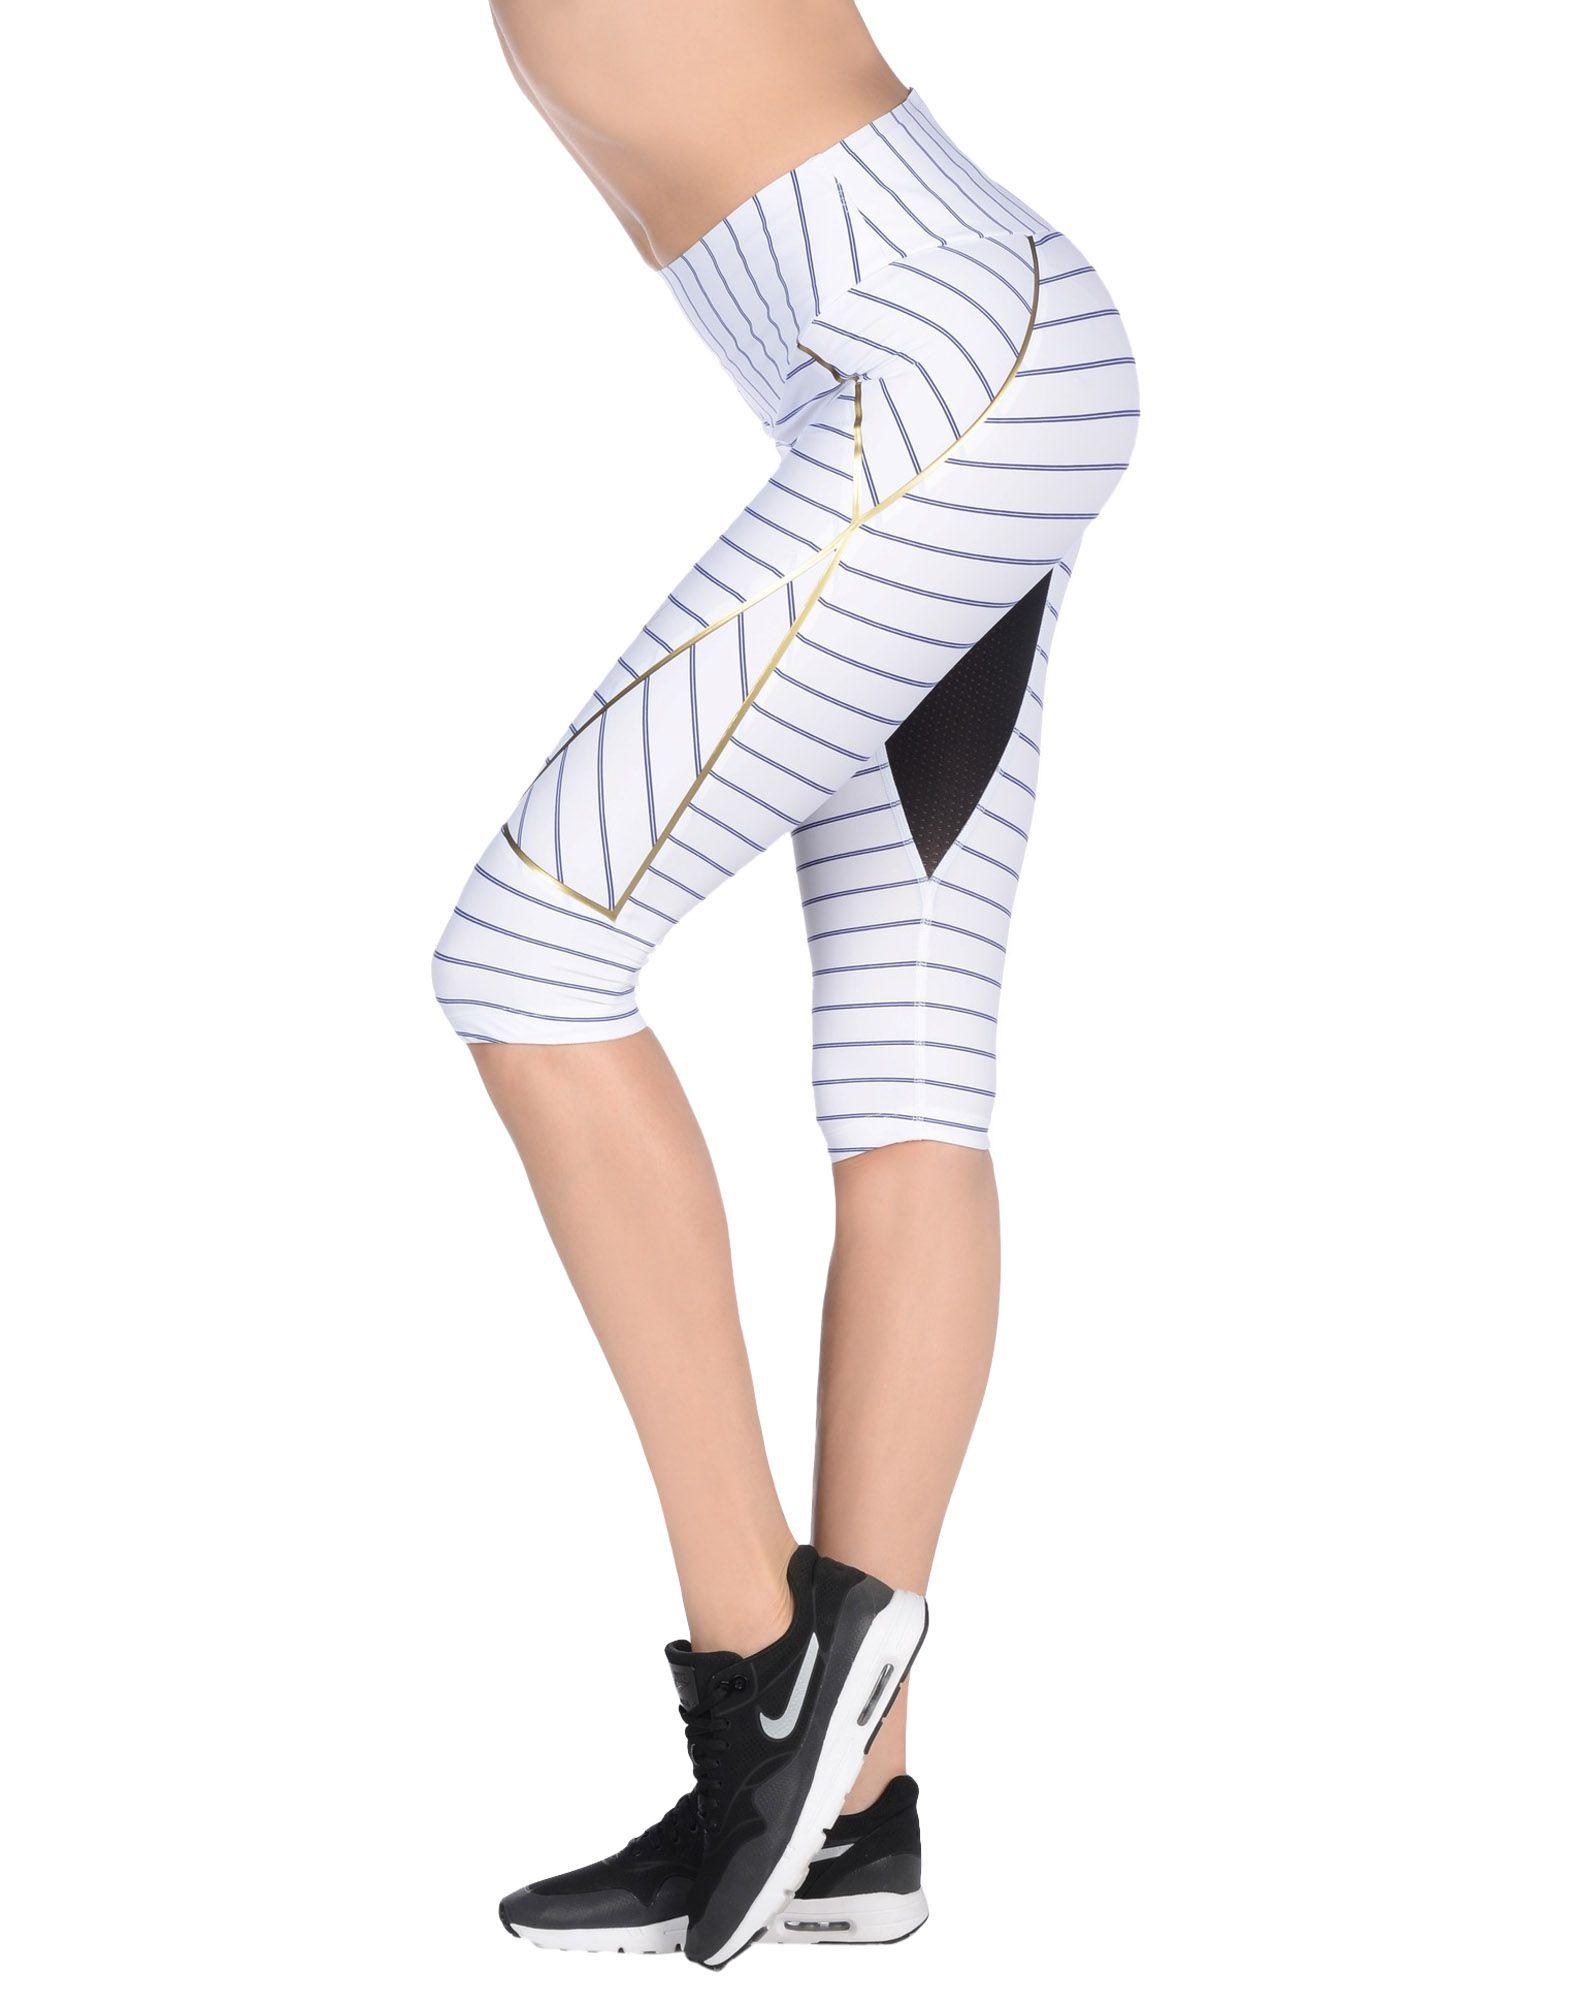 Leggings Lucas Hugh Nordica Capri Leggings - Donna - Acquista online su 6wQ1juJ2we